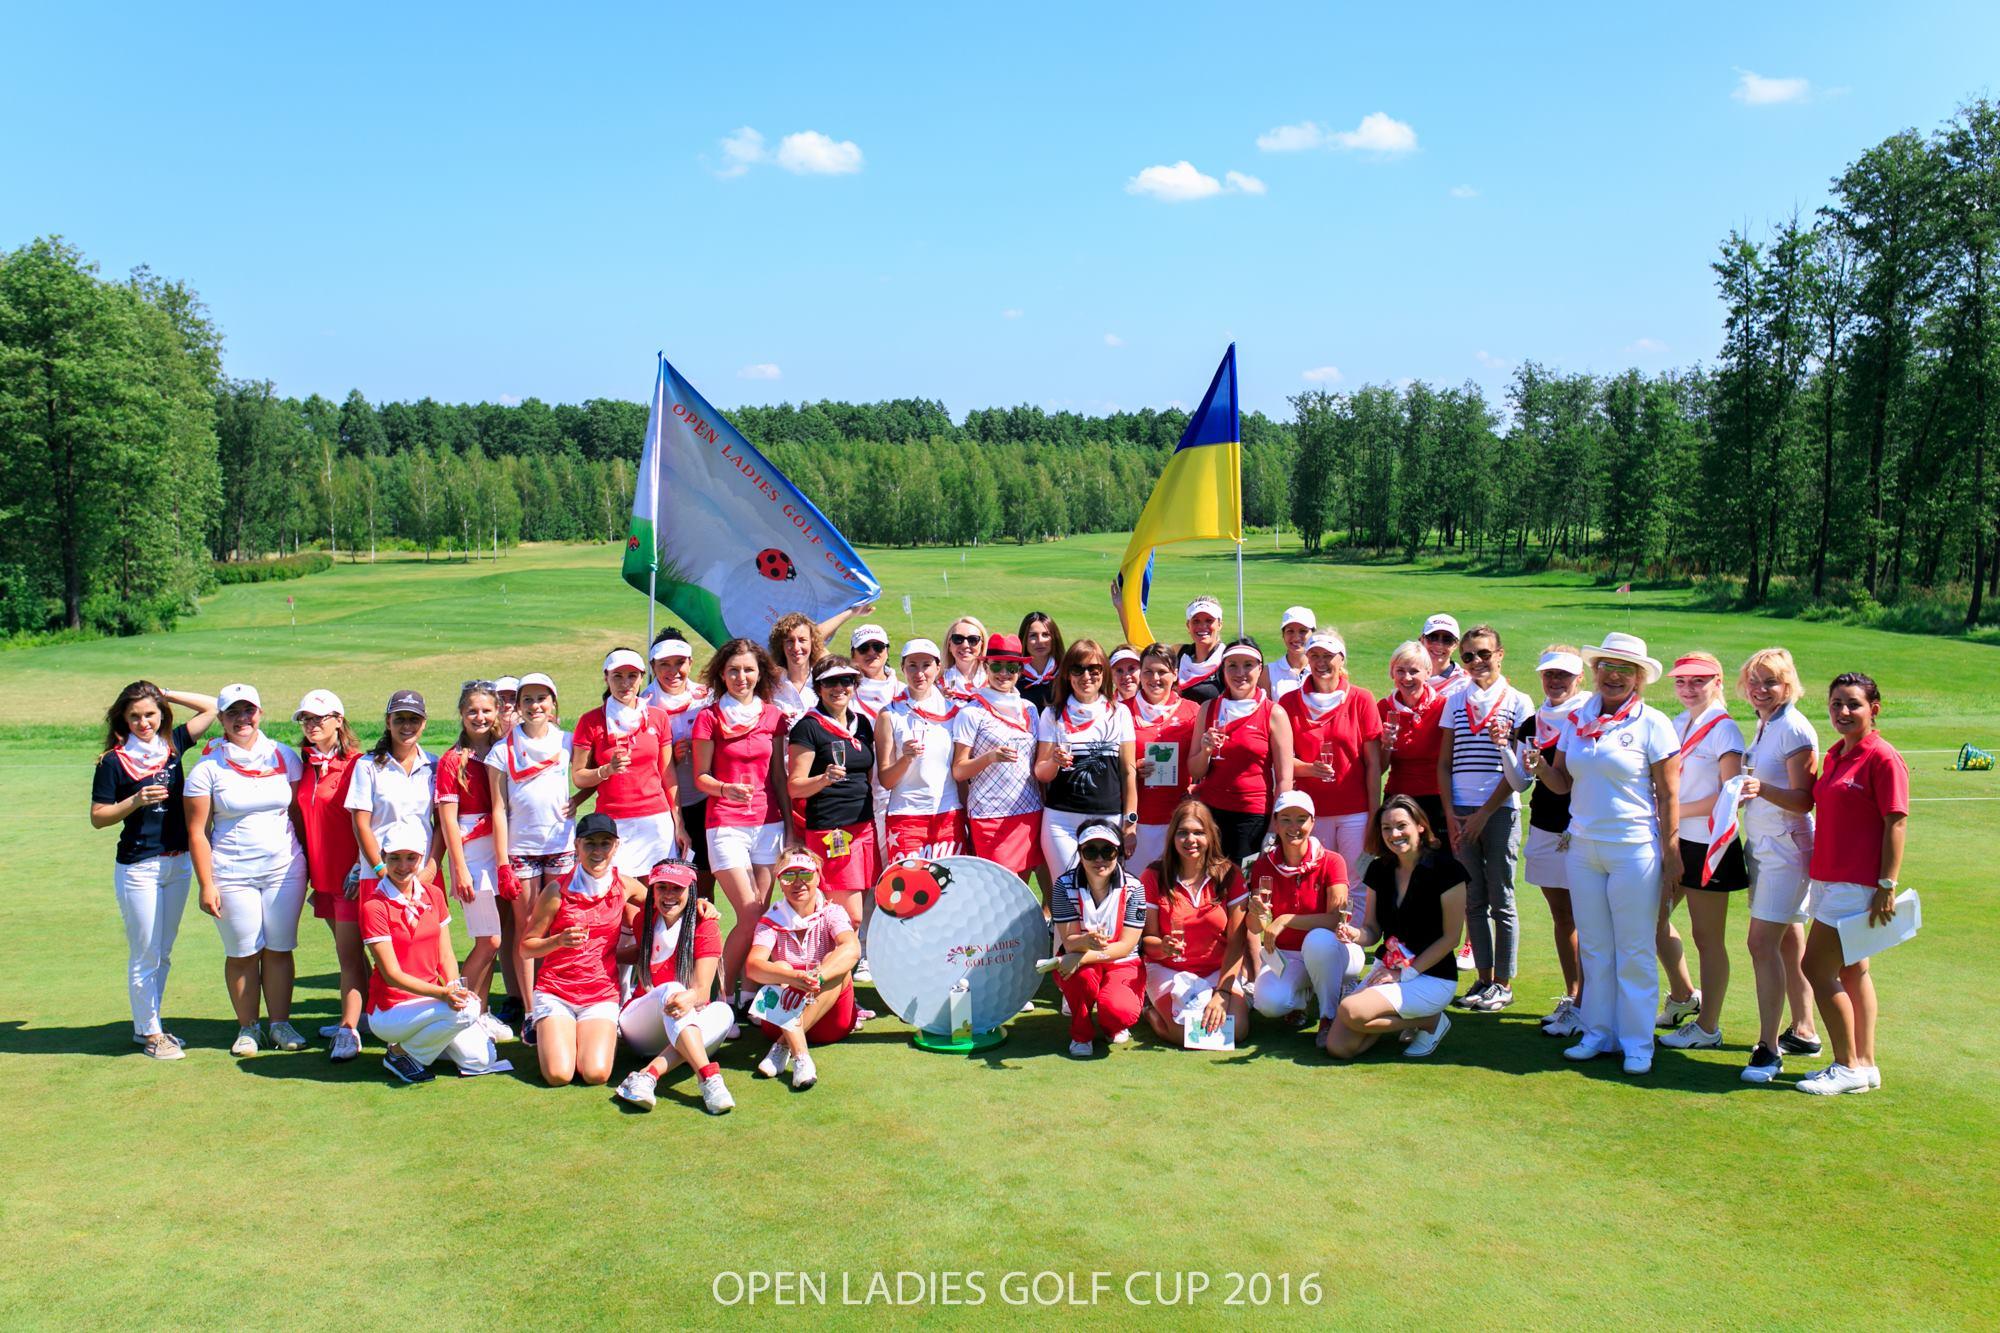 Відродження традицій жіночого гольфу в Україні, або День леді в стилі гольф - фото 2